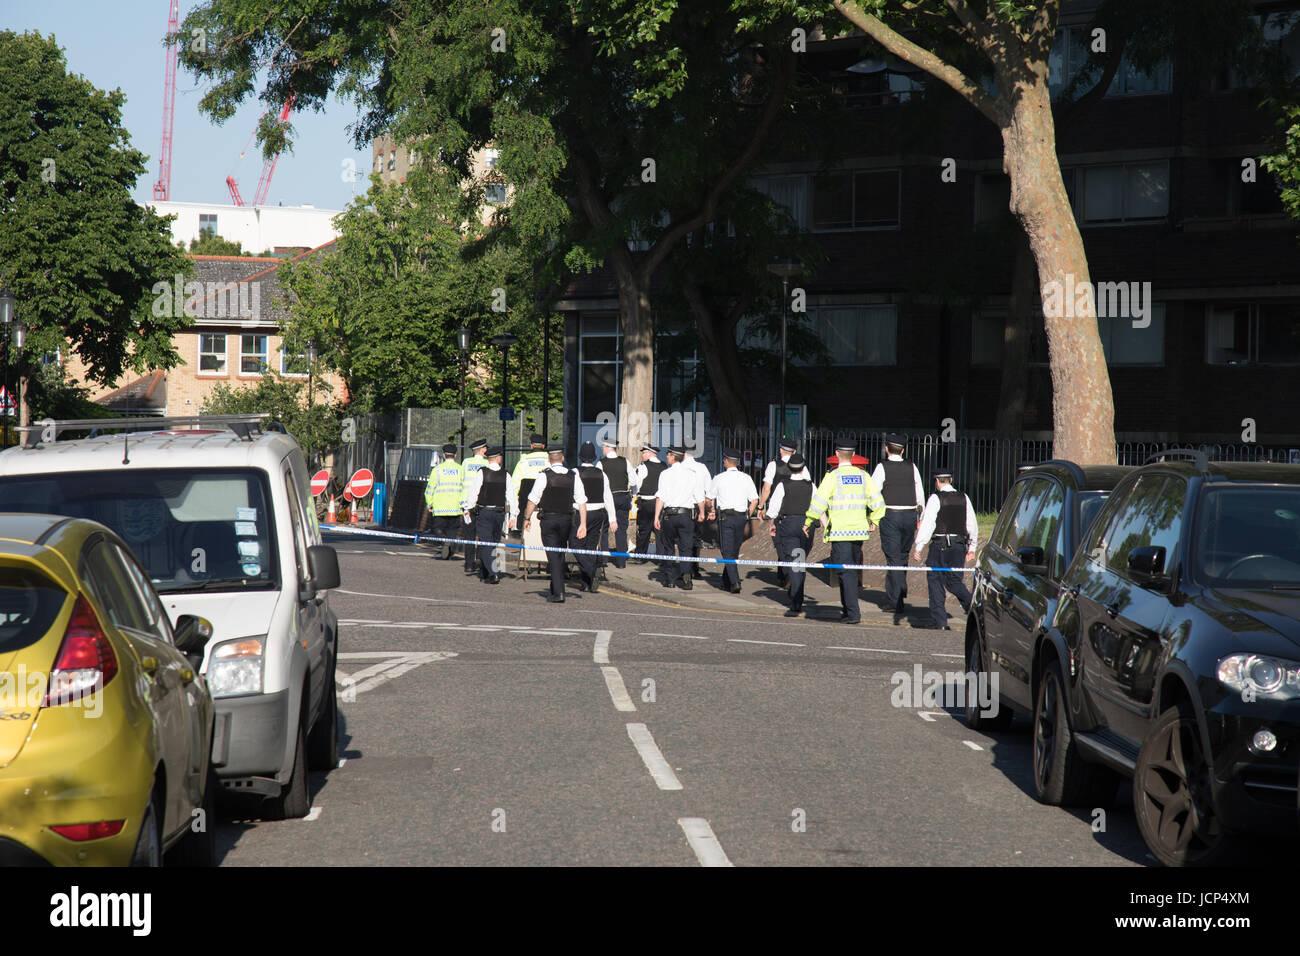 Kensington, London, UK. 17th June, 2017. Policemen reporting for duty saturday morning. Scenes around Latimer road - Stock Image